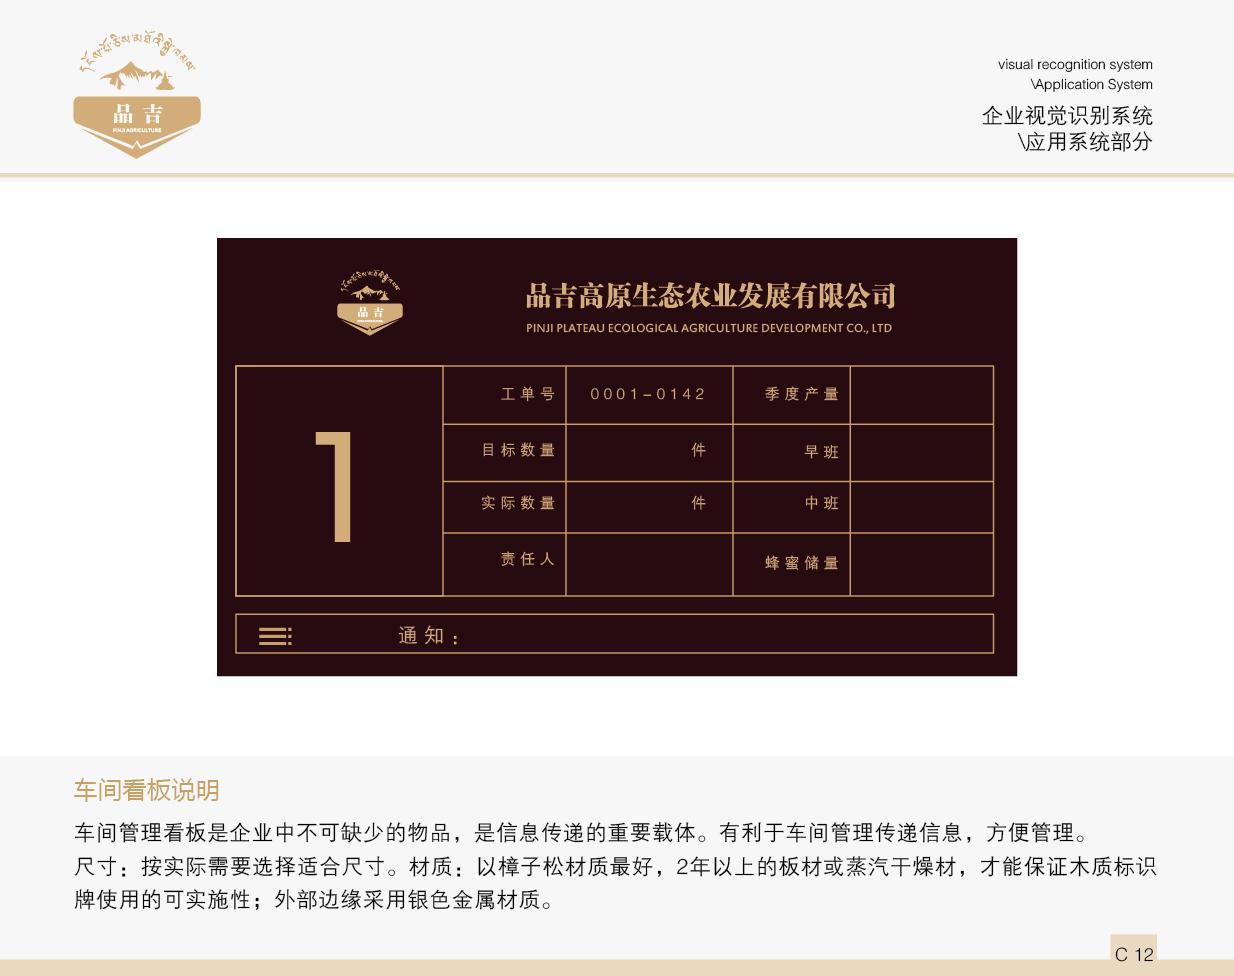 品吉农业VI 应用系统部分  客户资料  第13张